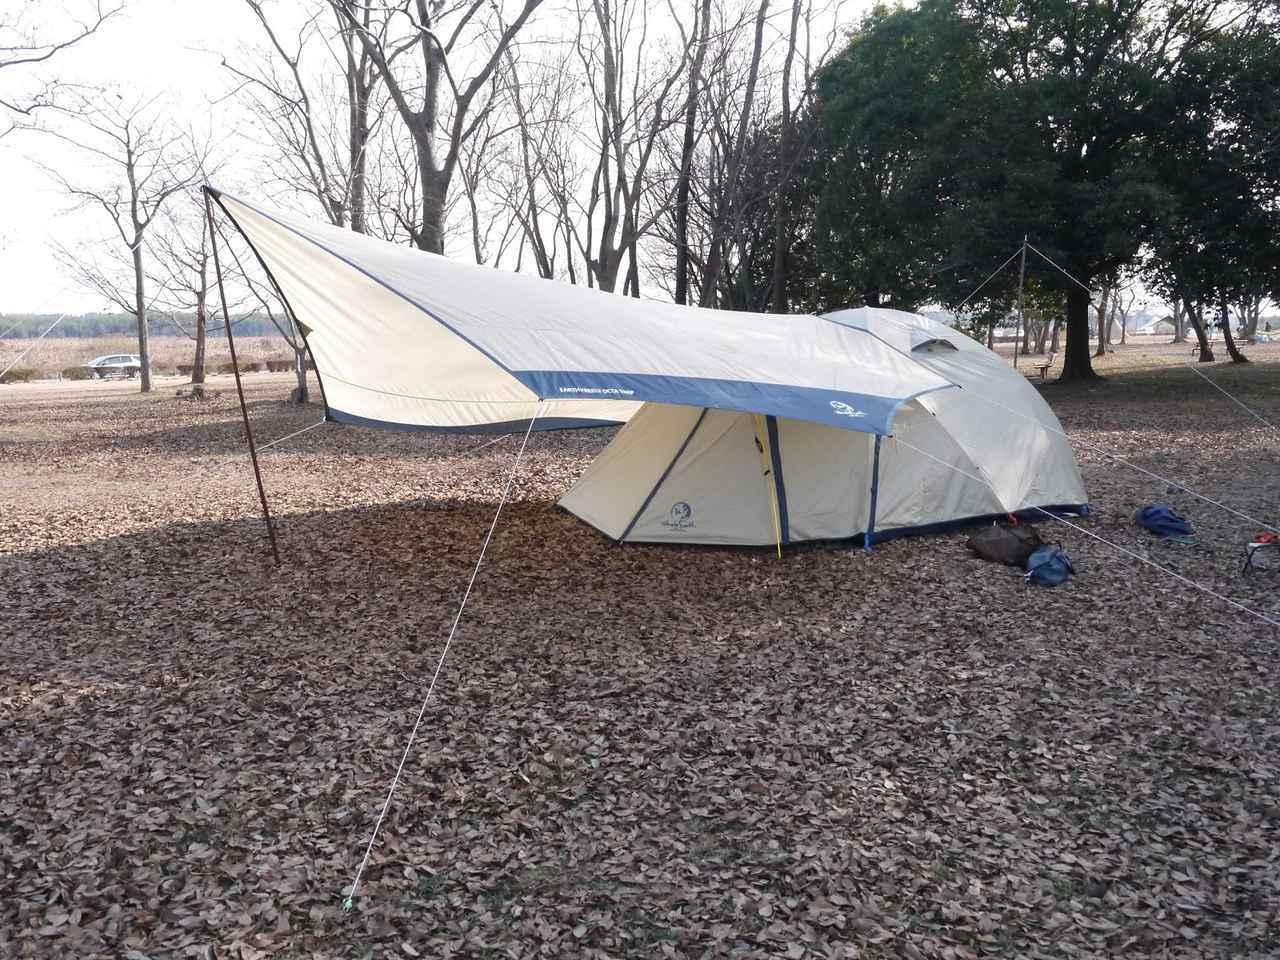 画像: 【小川張りの方法】テントとタープの連結に挑戦しよう! メリットやデメリットもご紹介 - ハピキャン(HAPPY CAMPER)